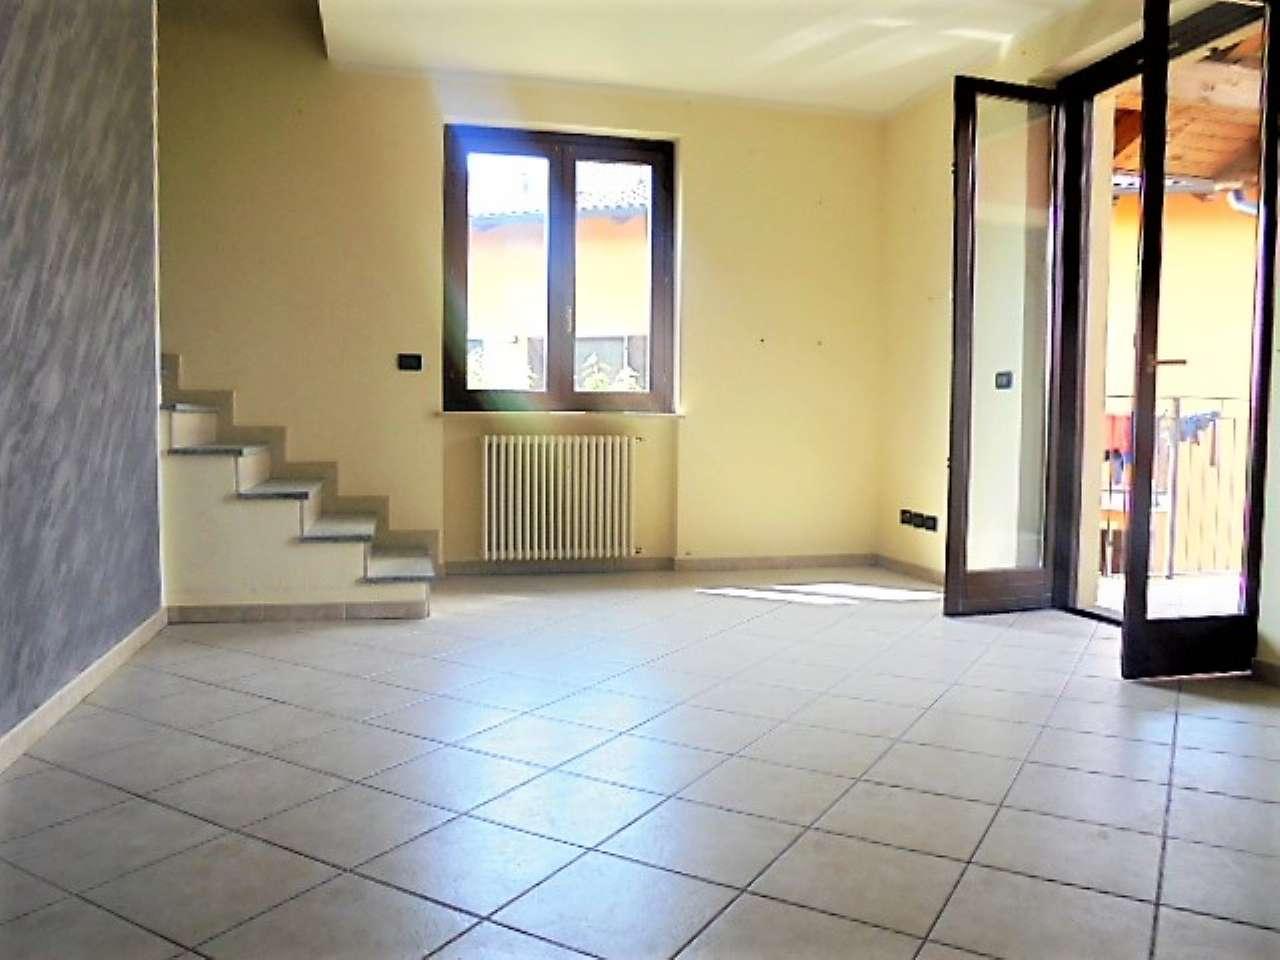 Appartamento in vendita a Poirino, 2 locali, prezzo € 155.000 | CambioCasa.it